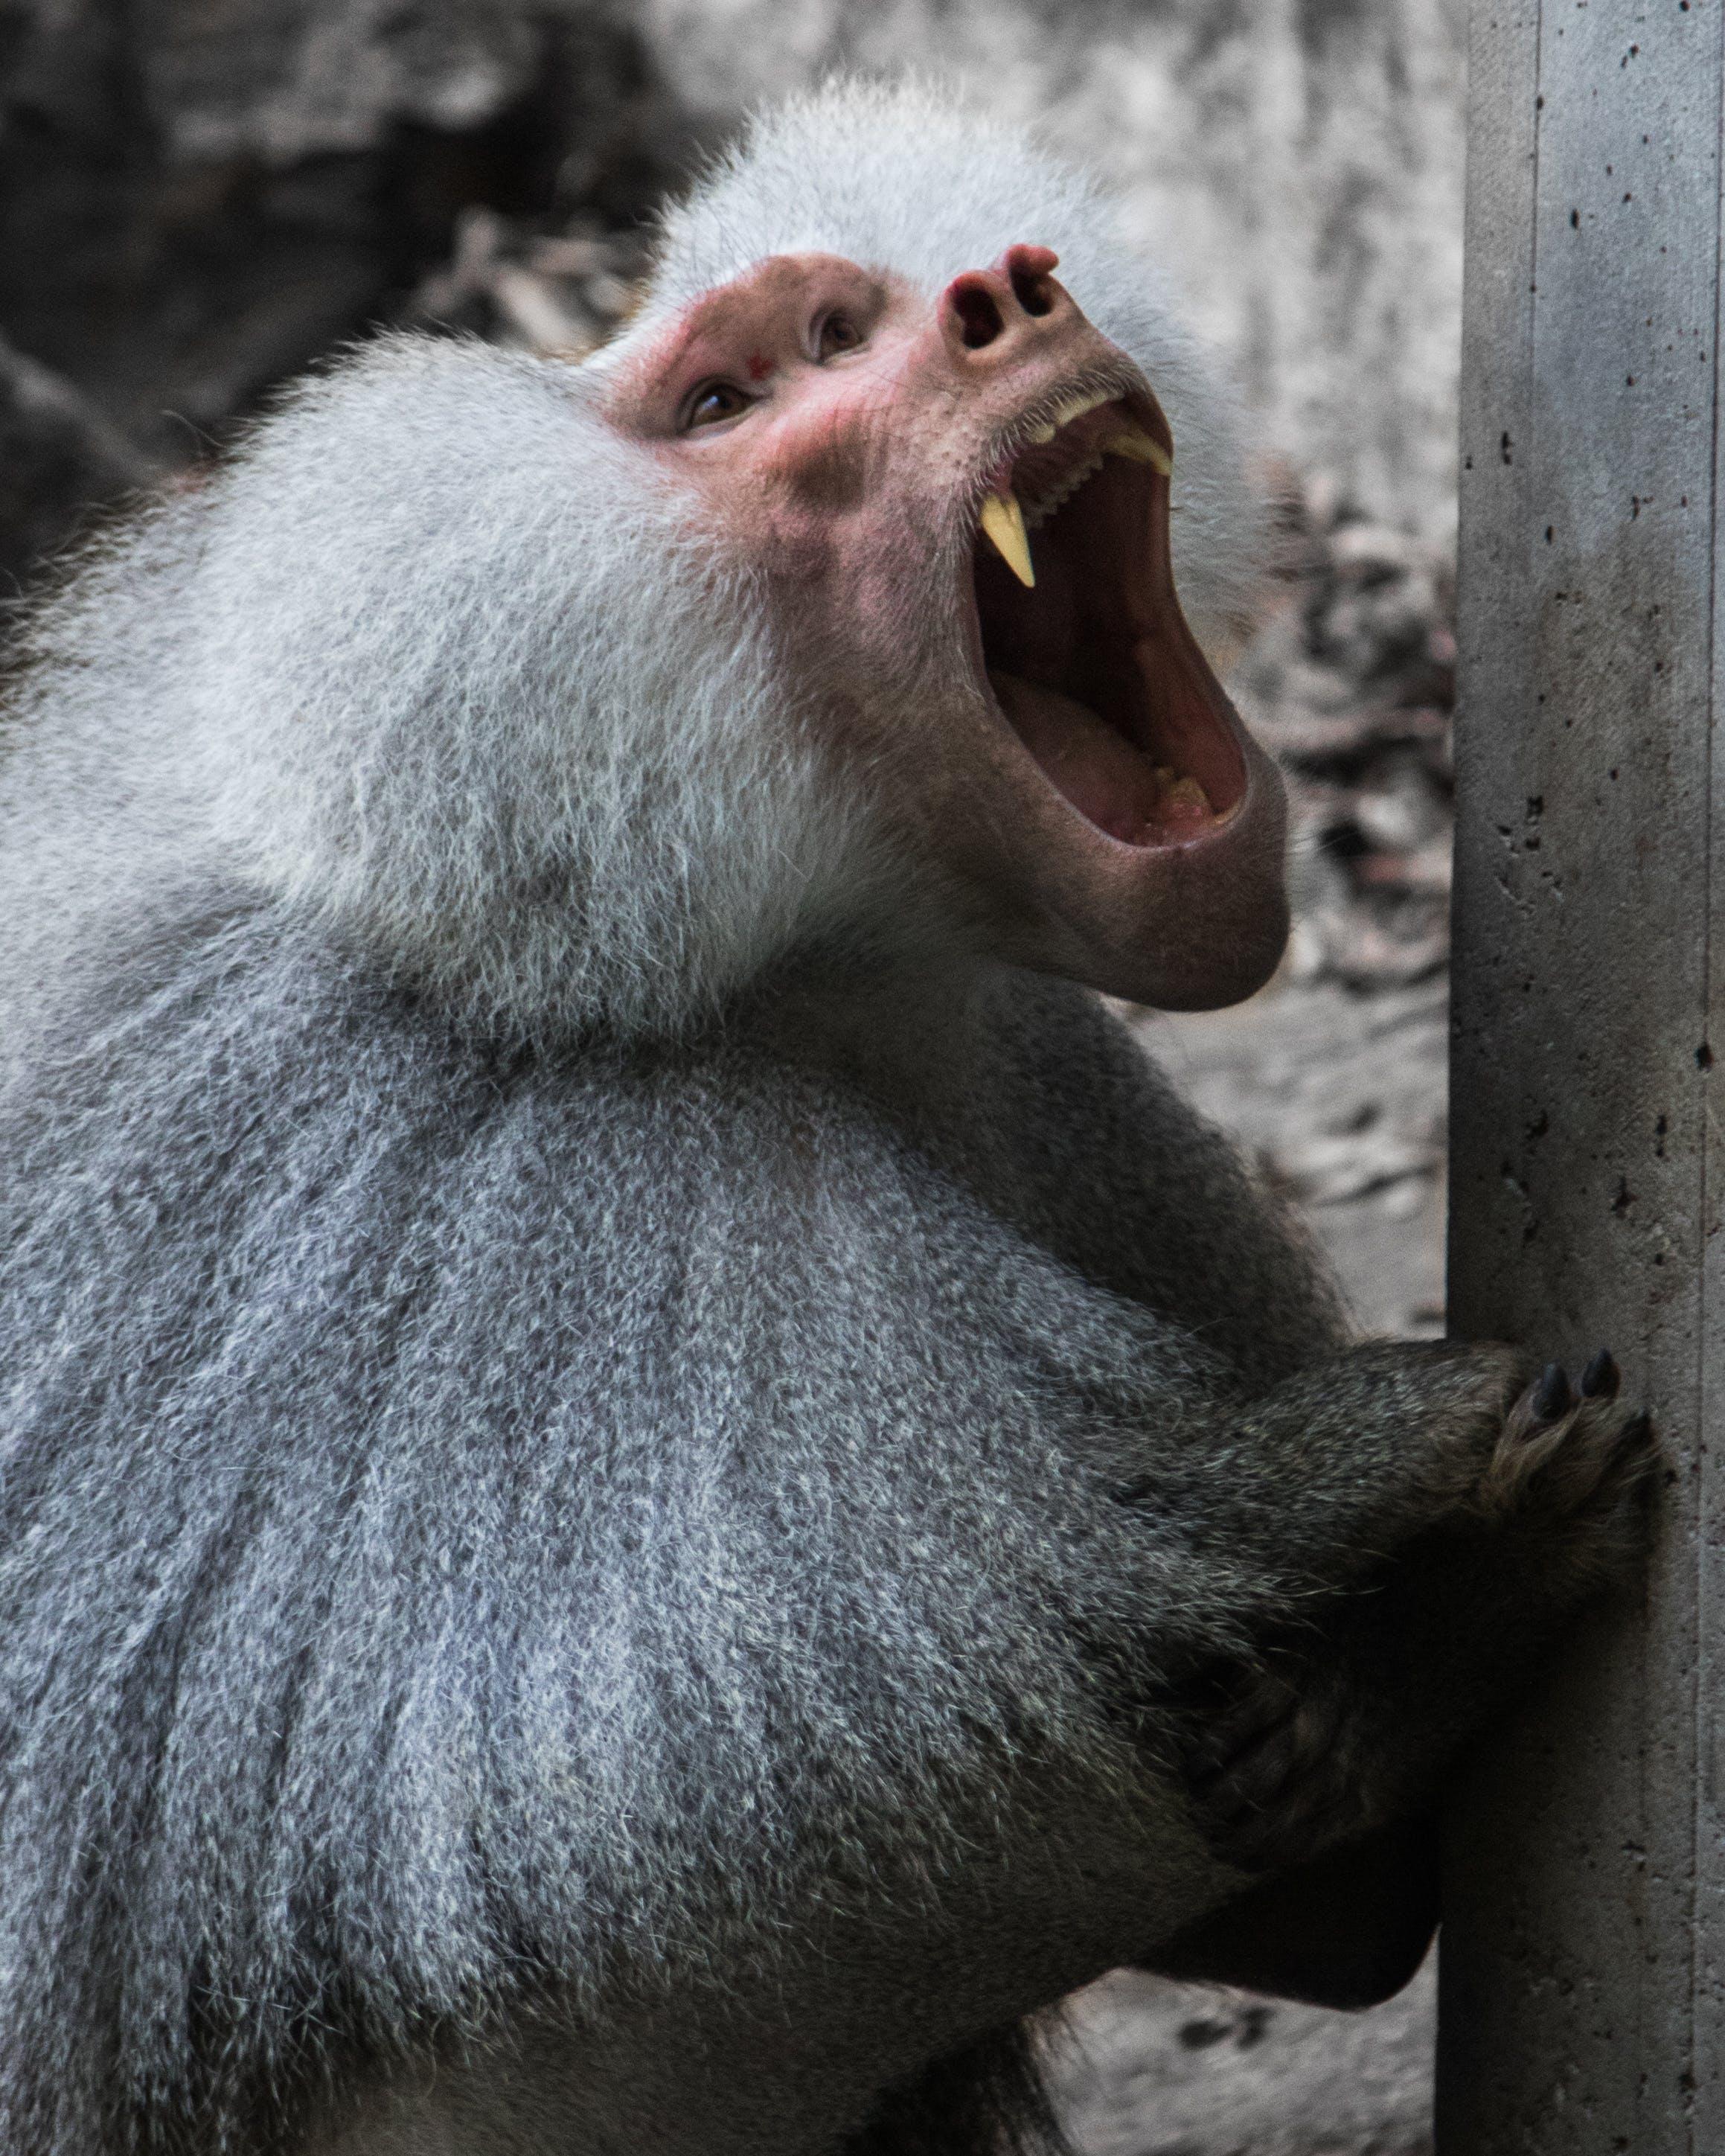 그레이, 동물, 동물 사진, 동물 포트레이트의 무료 스톡 사진